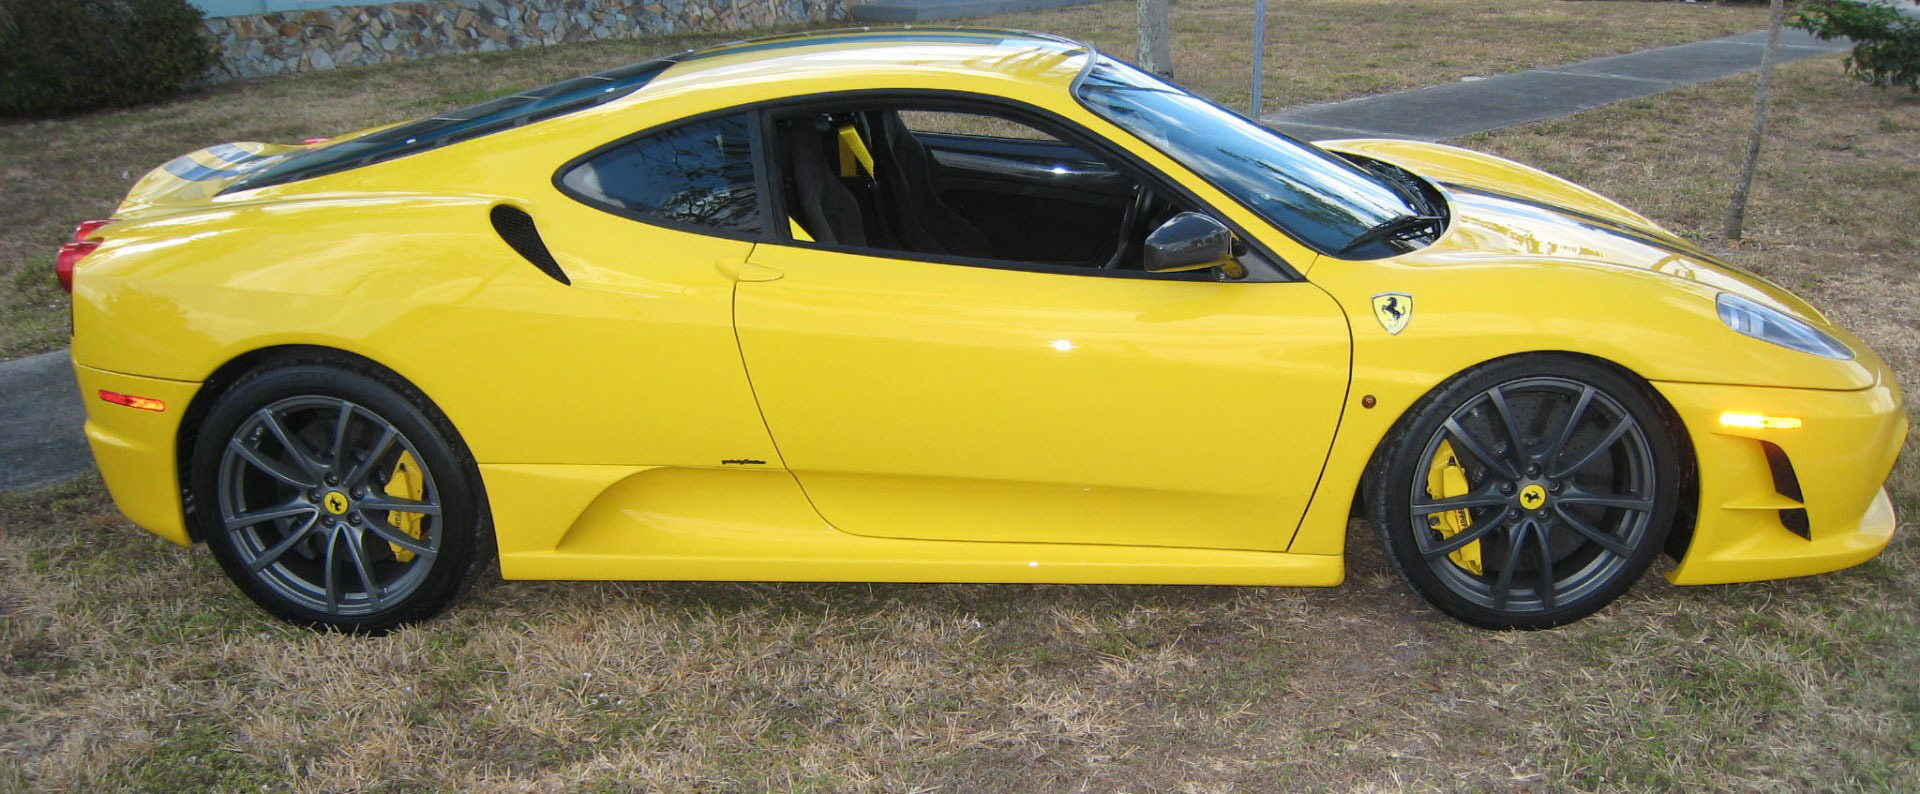 Used 2008 Ferrari 430 Scuderia  | Miami, FL